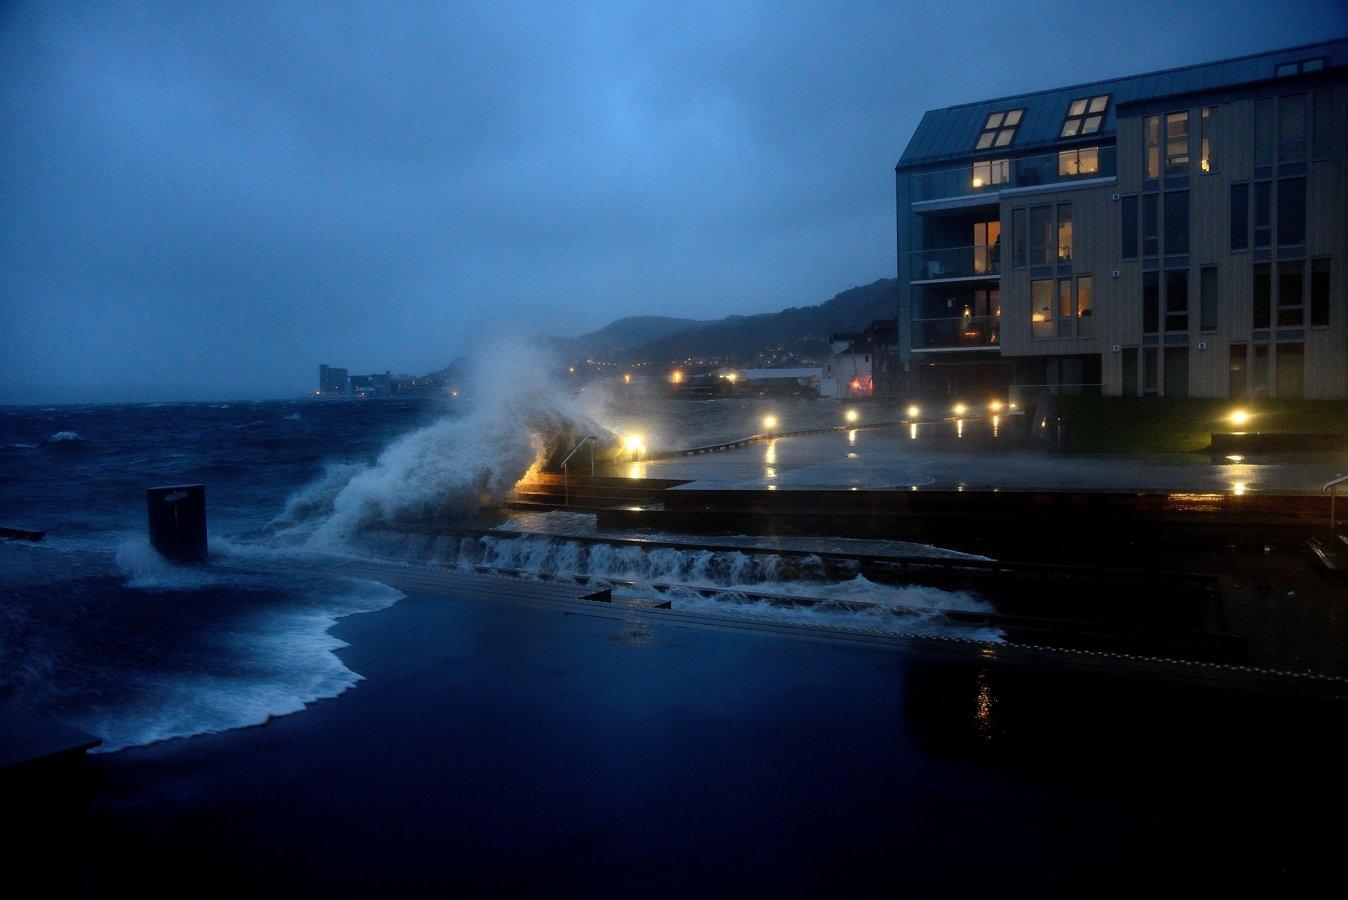 Storm in Sandviken